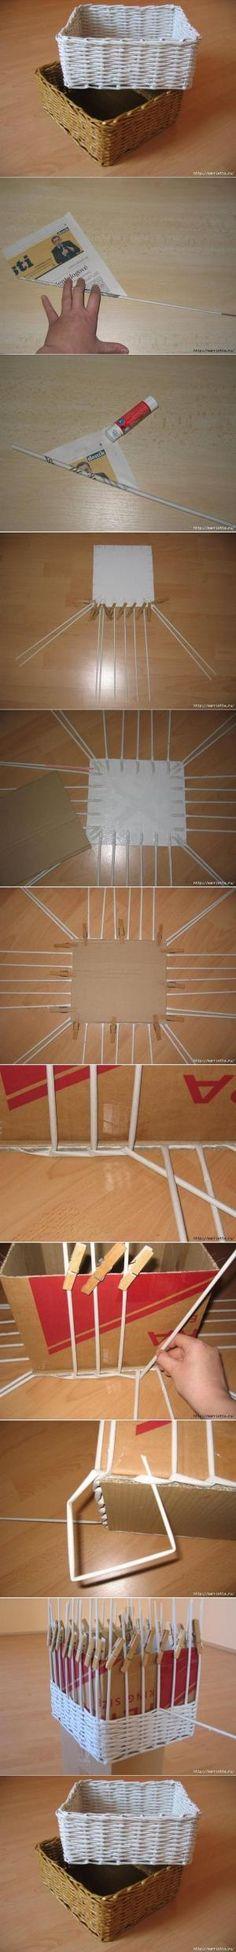 DIY Simple Newspaper Weave Basket DIY Simple Newspaper Weave Basket by ILOVEfrenchfries